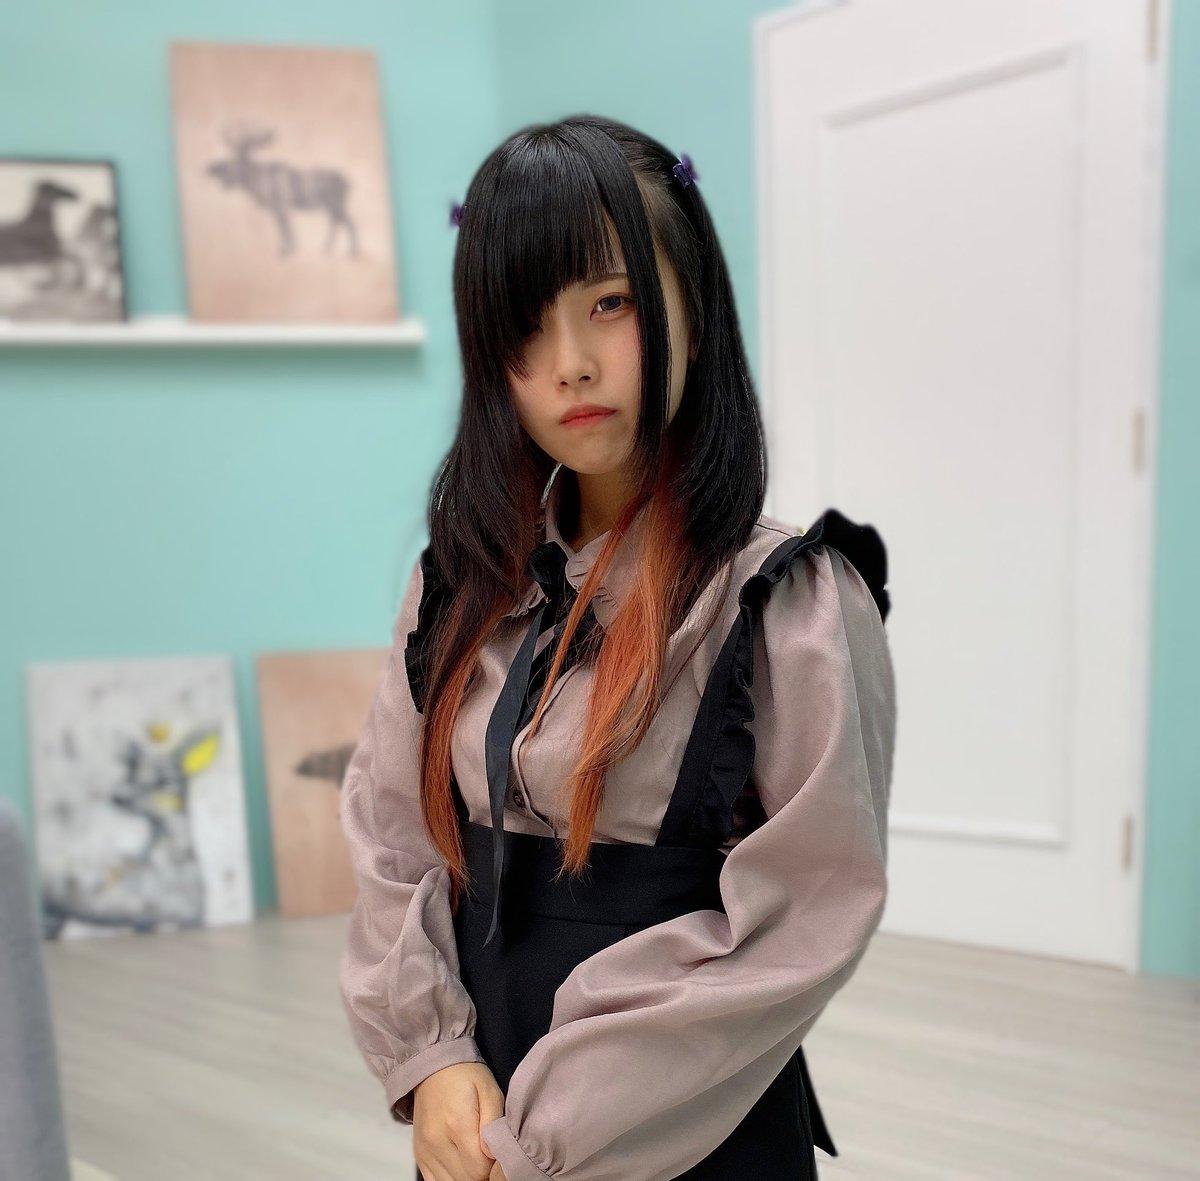 表情のON OFFが魅力の一つですっ撮影会というイベントからでもTwitterみてでもライブでたまたまからでもきっかけはなんでも!@33studio_mimi 9月某日model: #月暗えぬ  @ntsukikura#ジキルxハイド  @nagoya_jh#アイドル #名古屋ジキハイ#つきくらのえぬた #撮影会#ポートレート #portrait